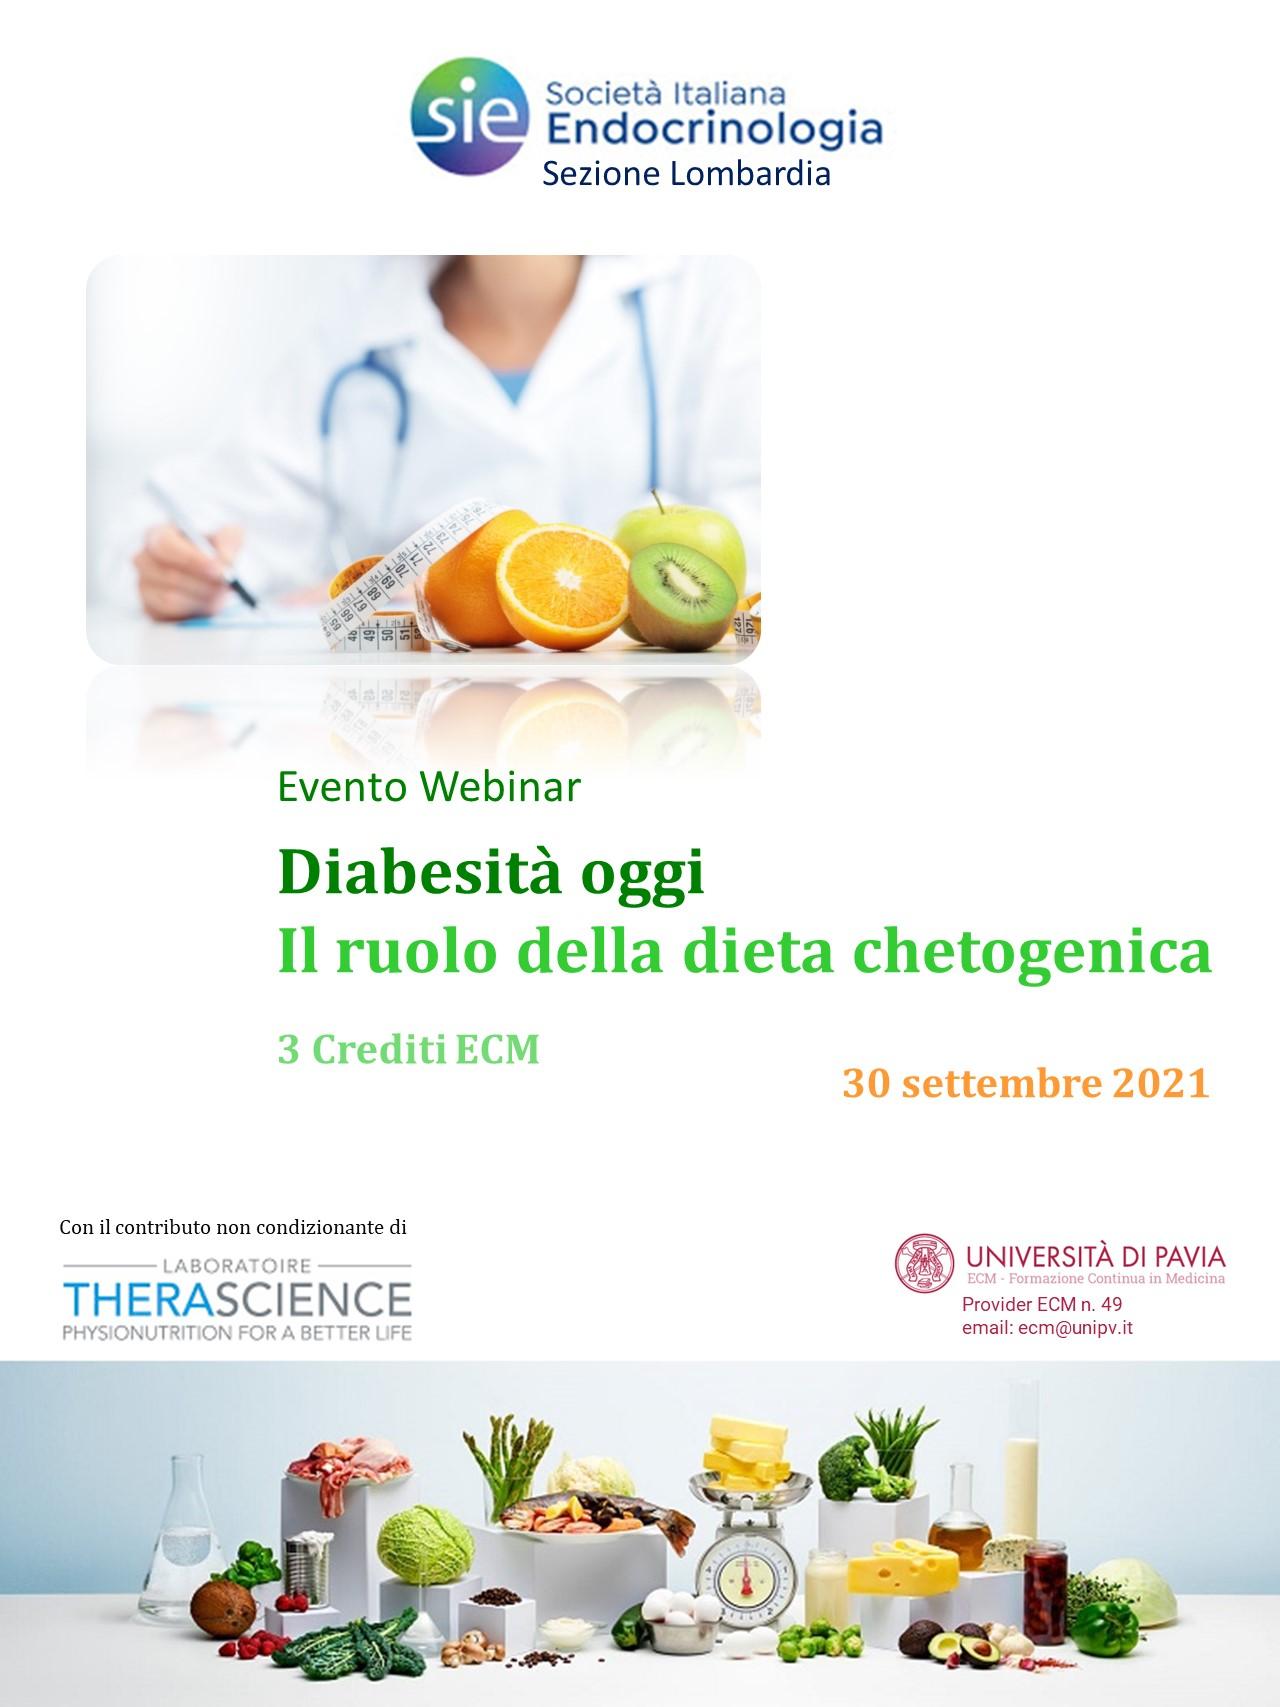 Course Image Diabesità oggi. Il ruolo della dieta chetogenica